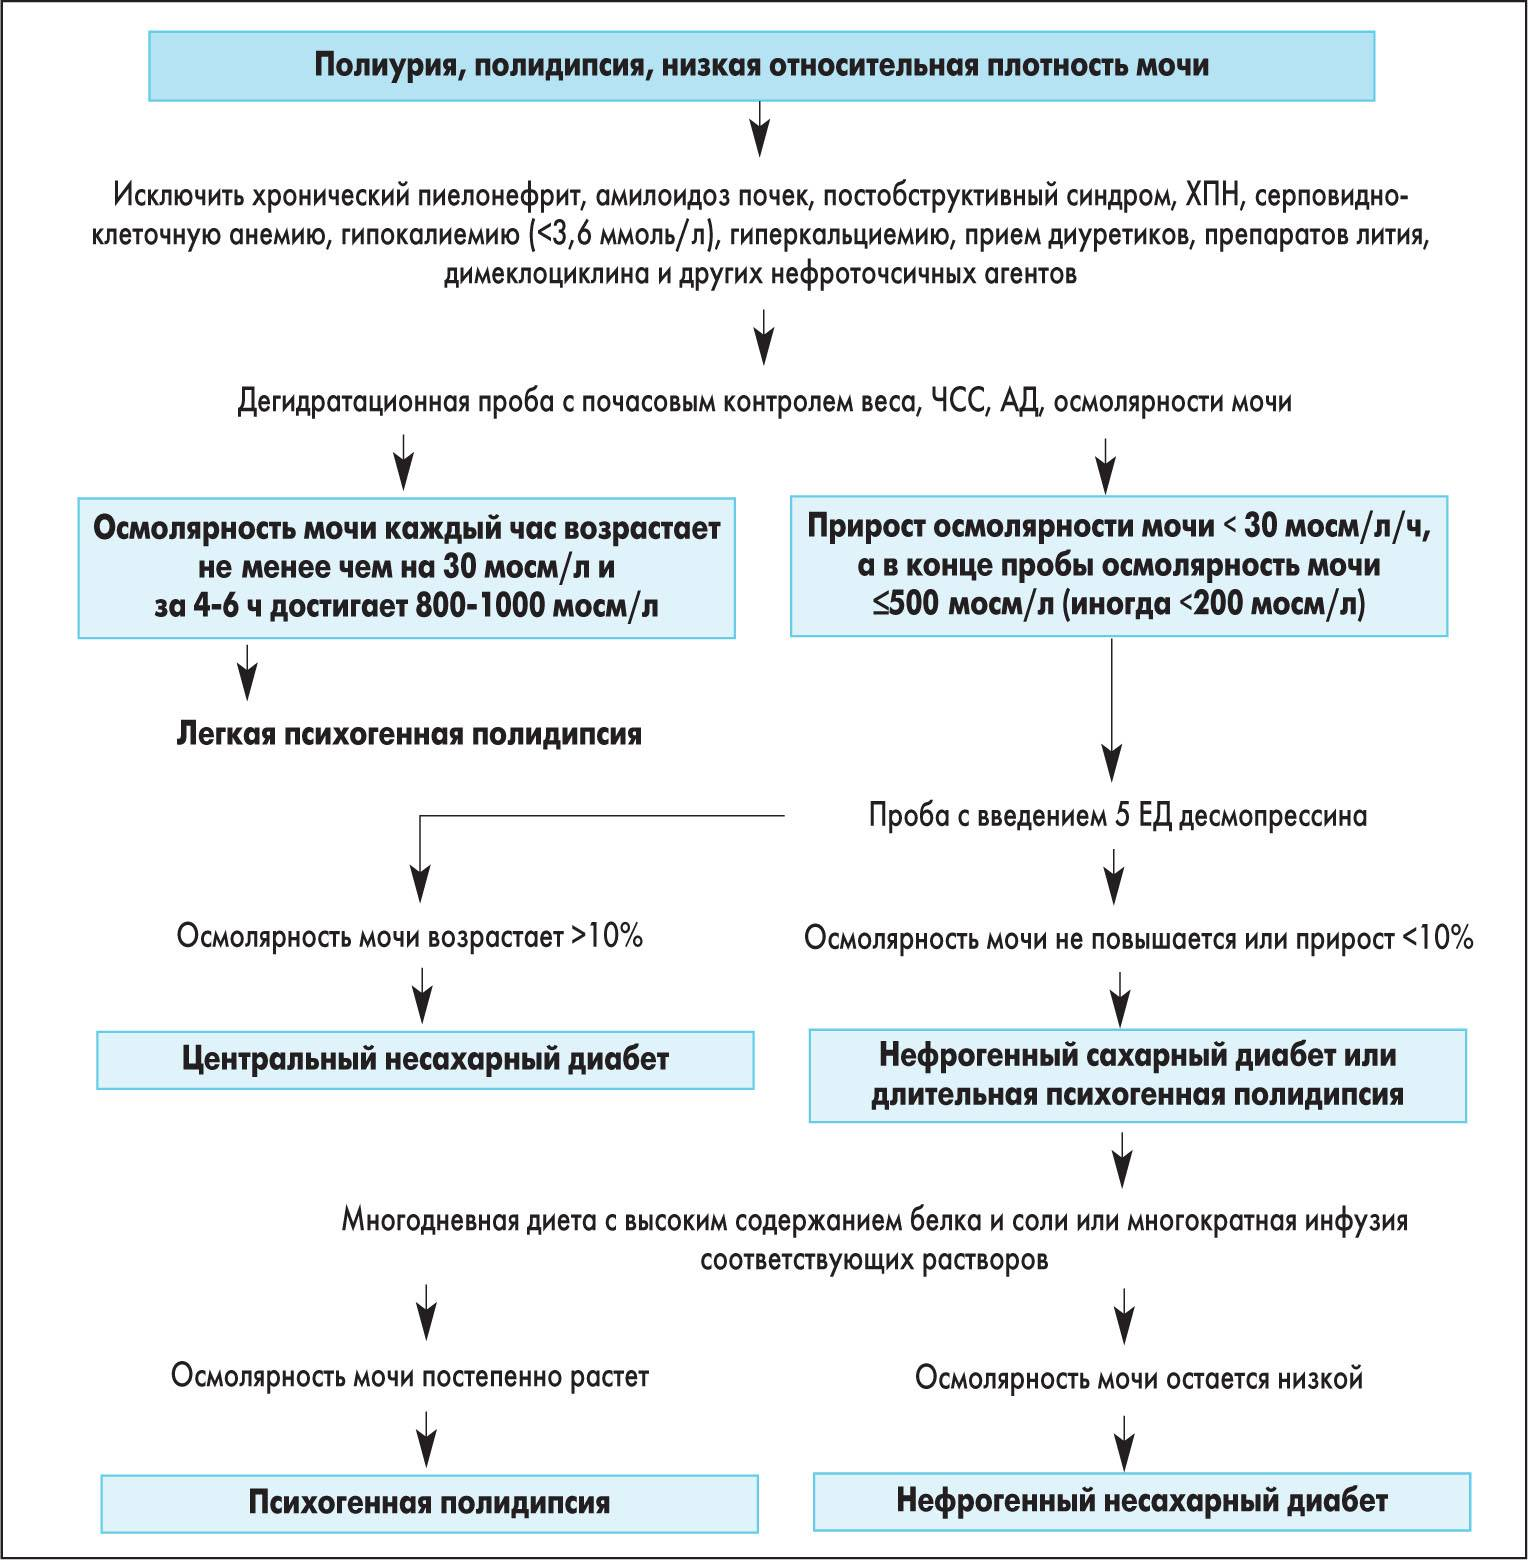 Несахарный диабет у детей - симптомы болезни, профилактика и лечение несахарного диабета у детей, причины заболевания и его диагностика на eurolab